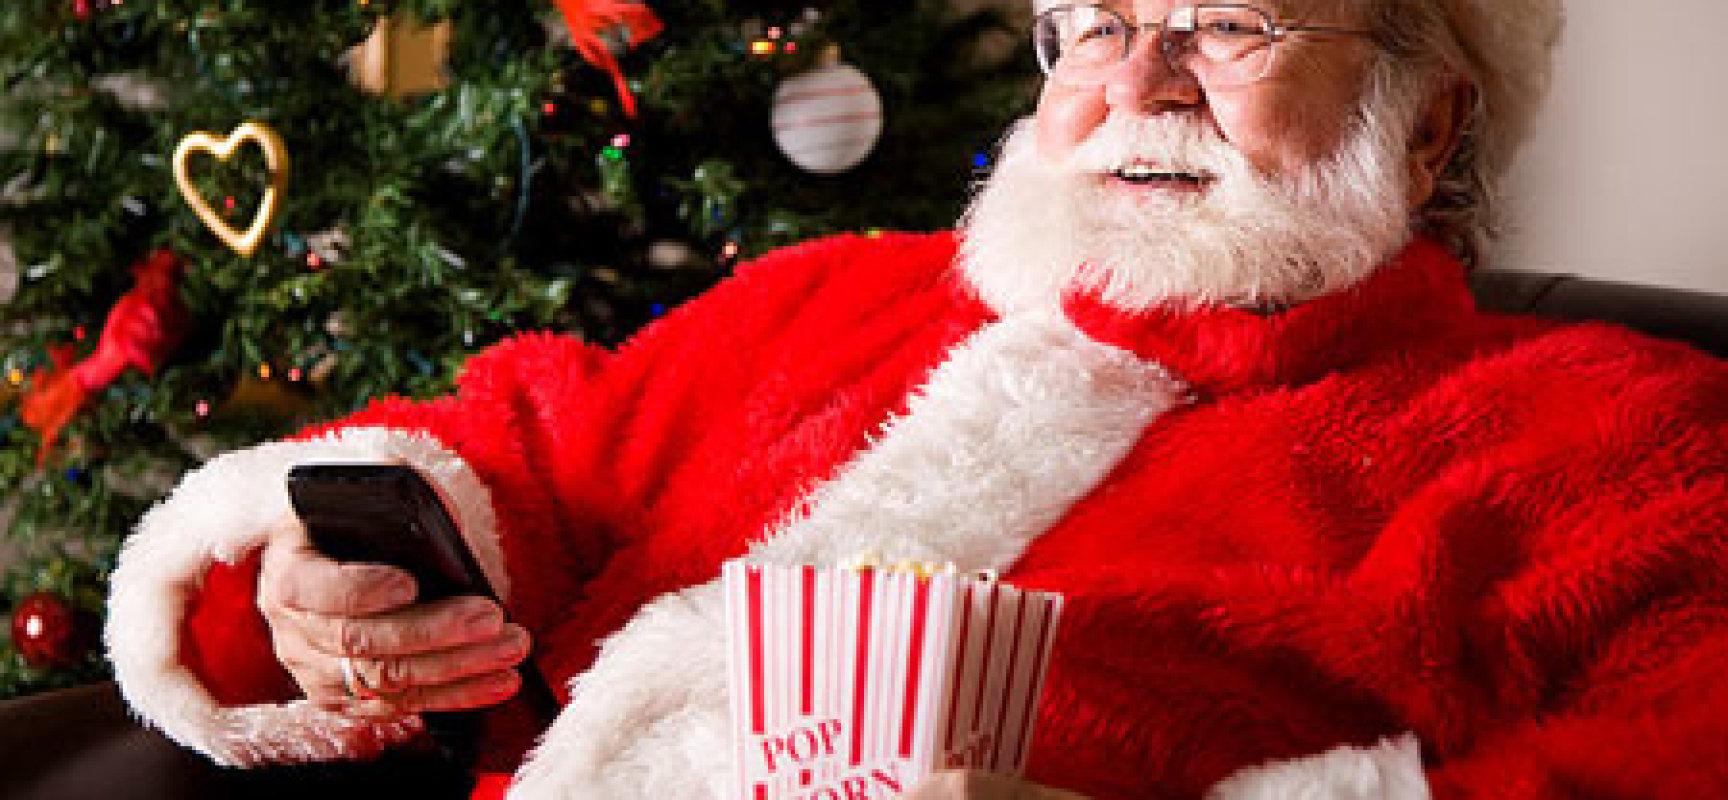 Natale i cartoni animati da vedere in tv con